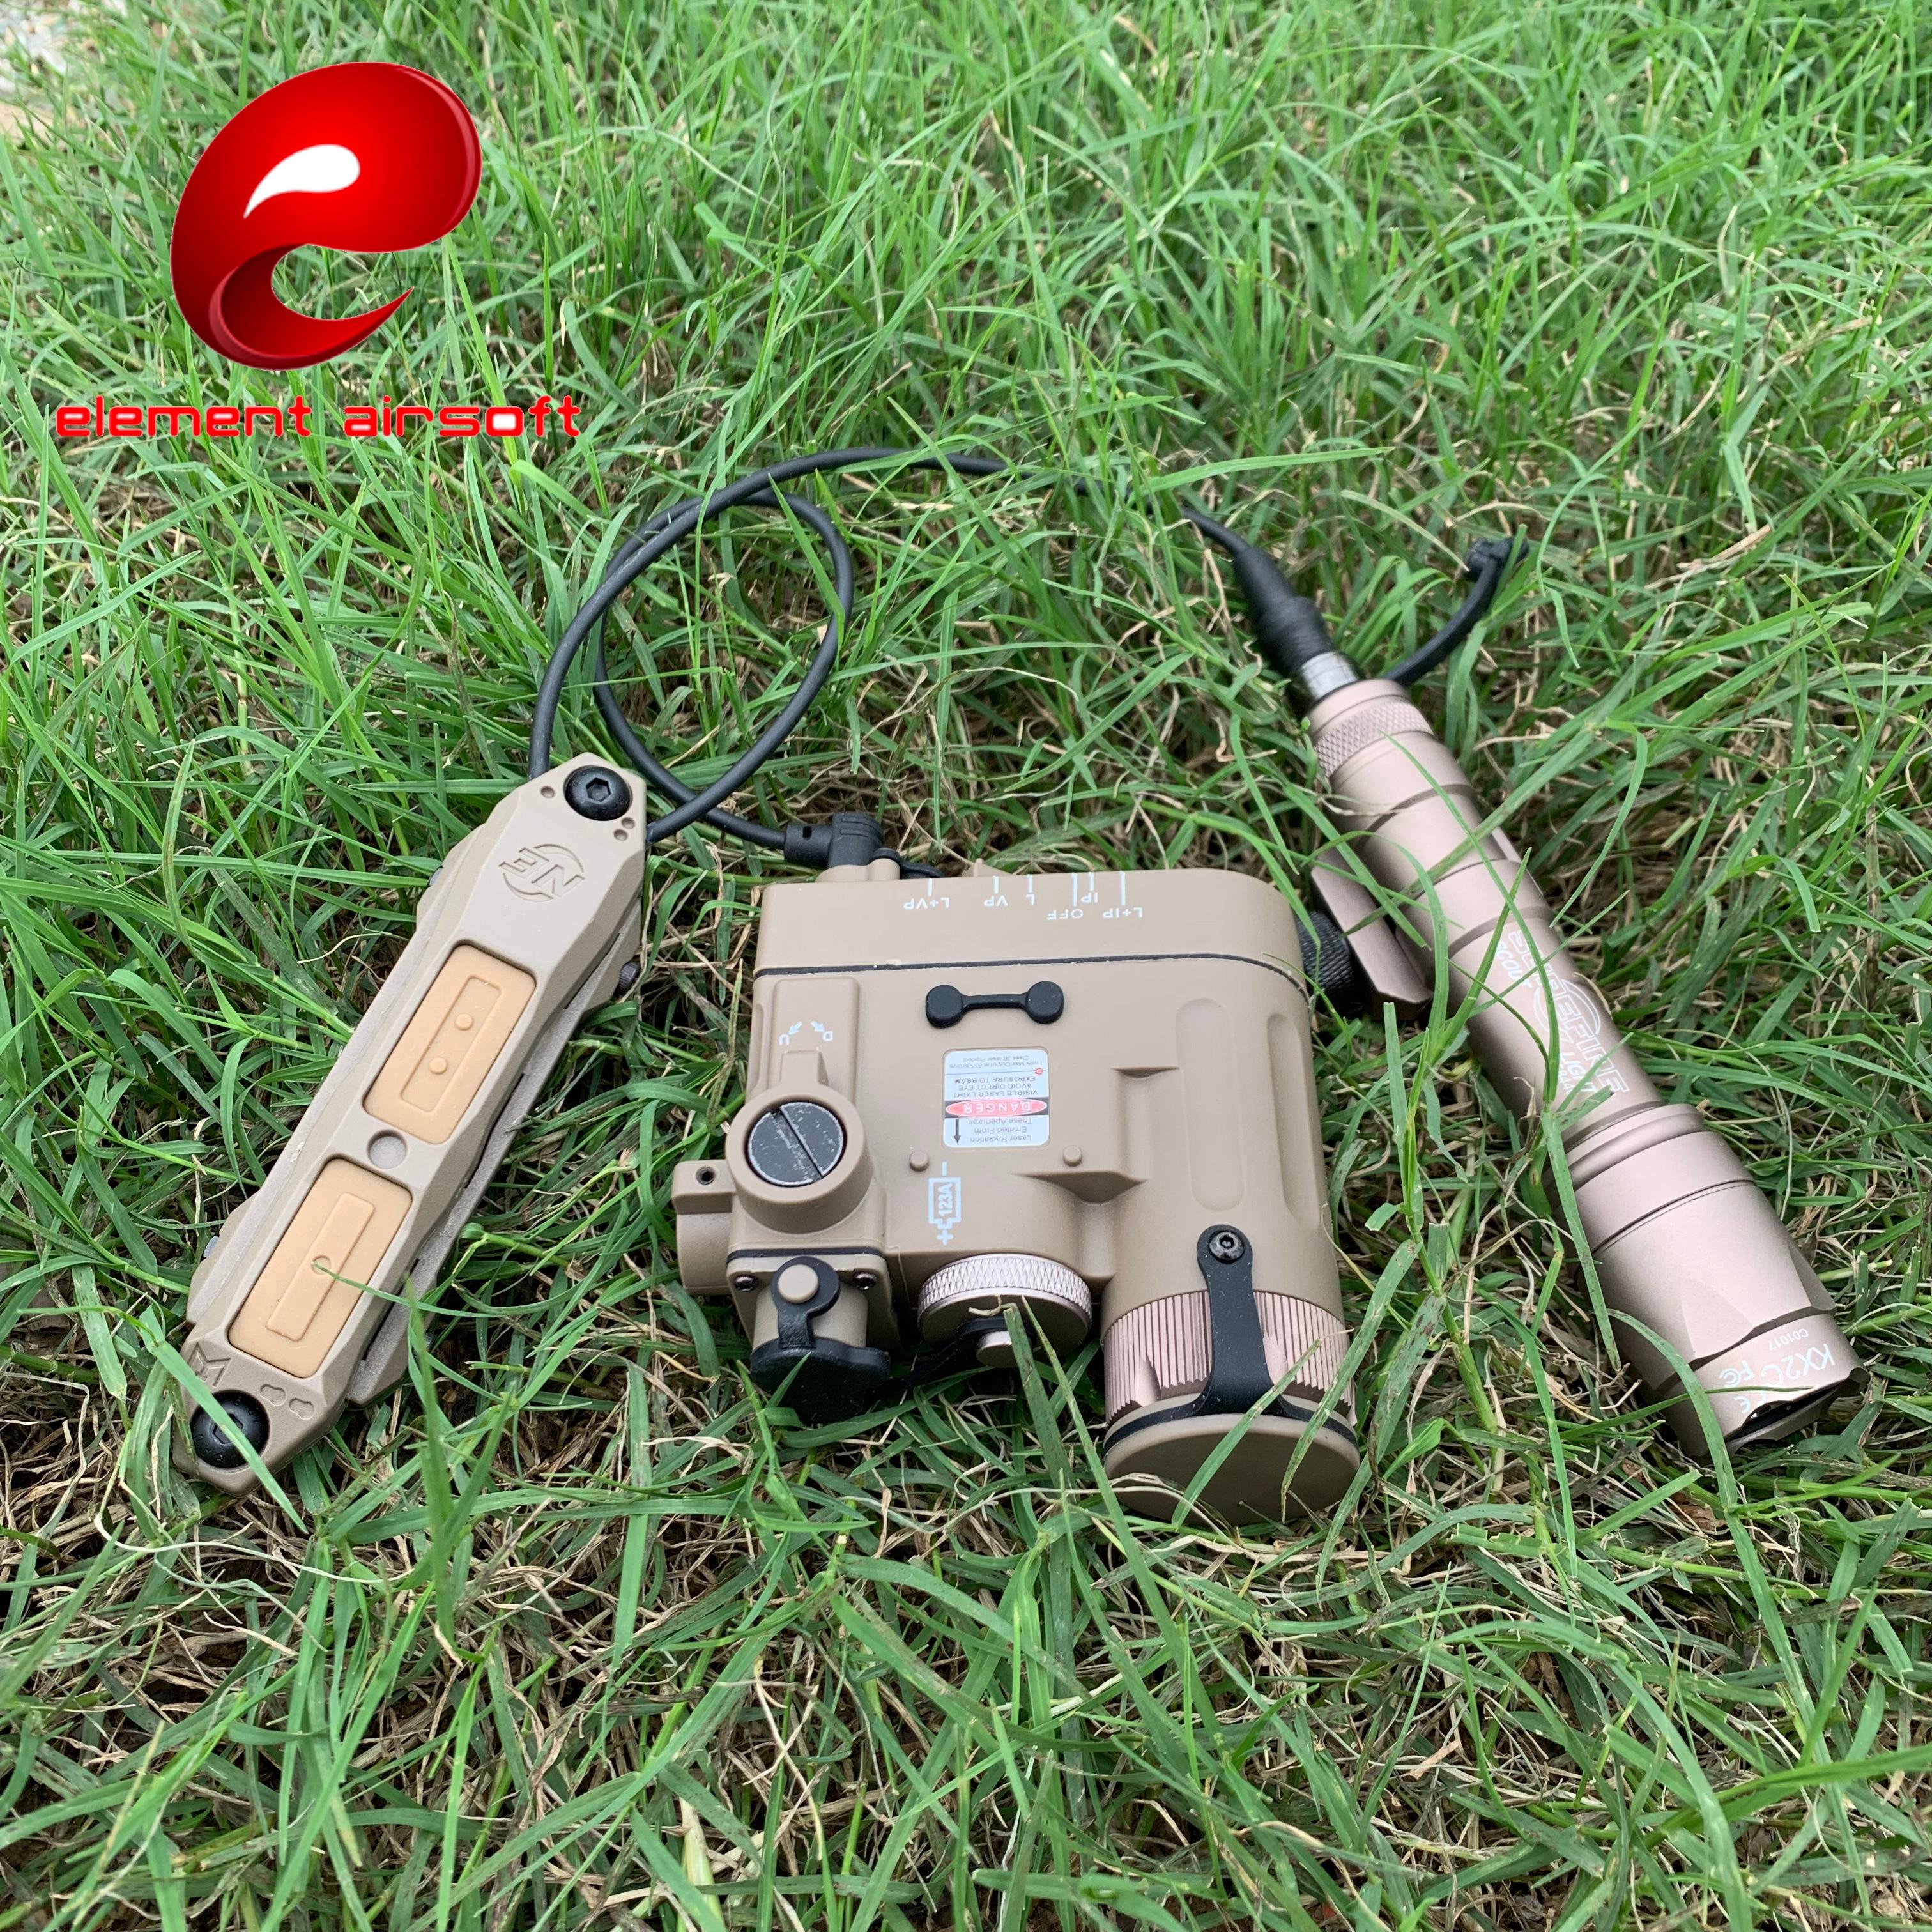 を要素エアガン Surefir M600C 狩猟ライト softair DBAL D2 IR レーザーダブル制御スイッチ lazer 戦術銃武器懐中電灯  グループ上の スポーツ & エンターテイメント からの 武器ライト の中 1